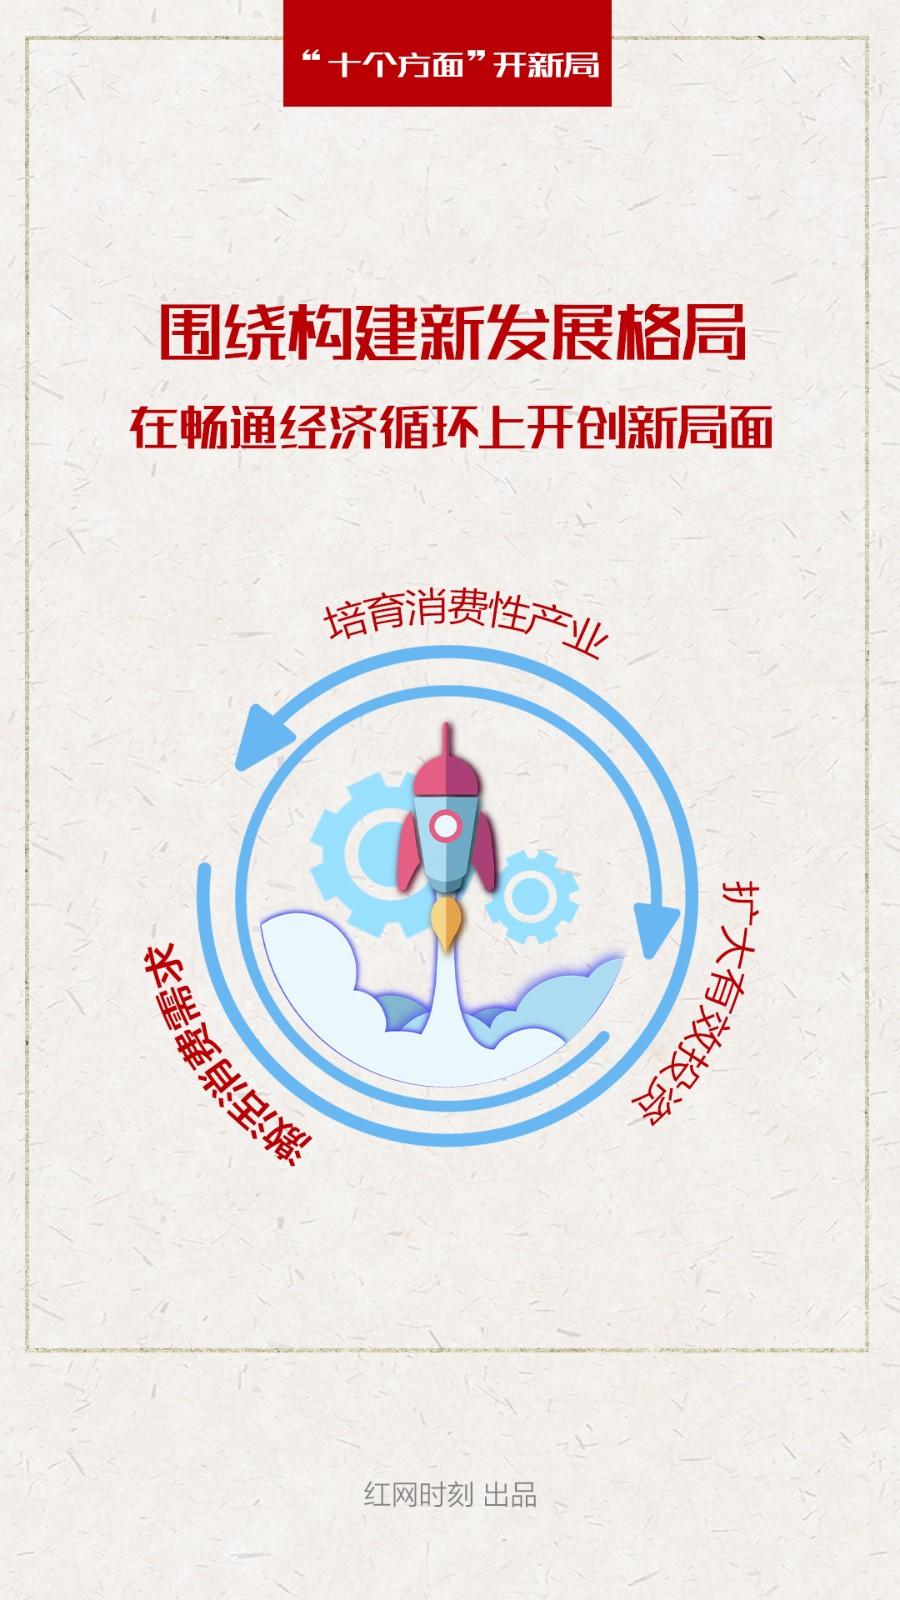 20201231十个重点海报设计稿003.jpg